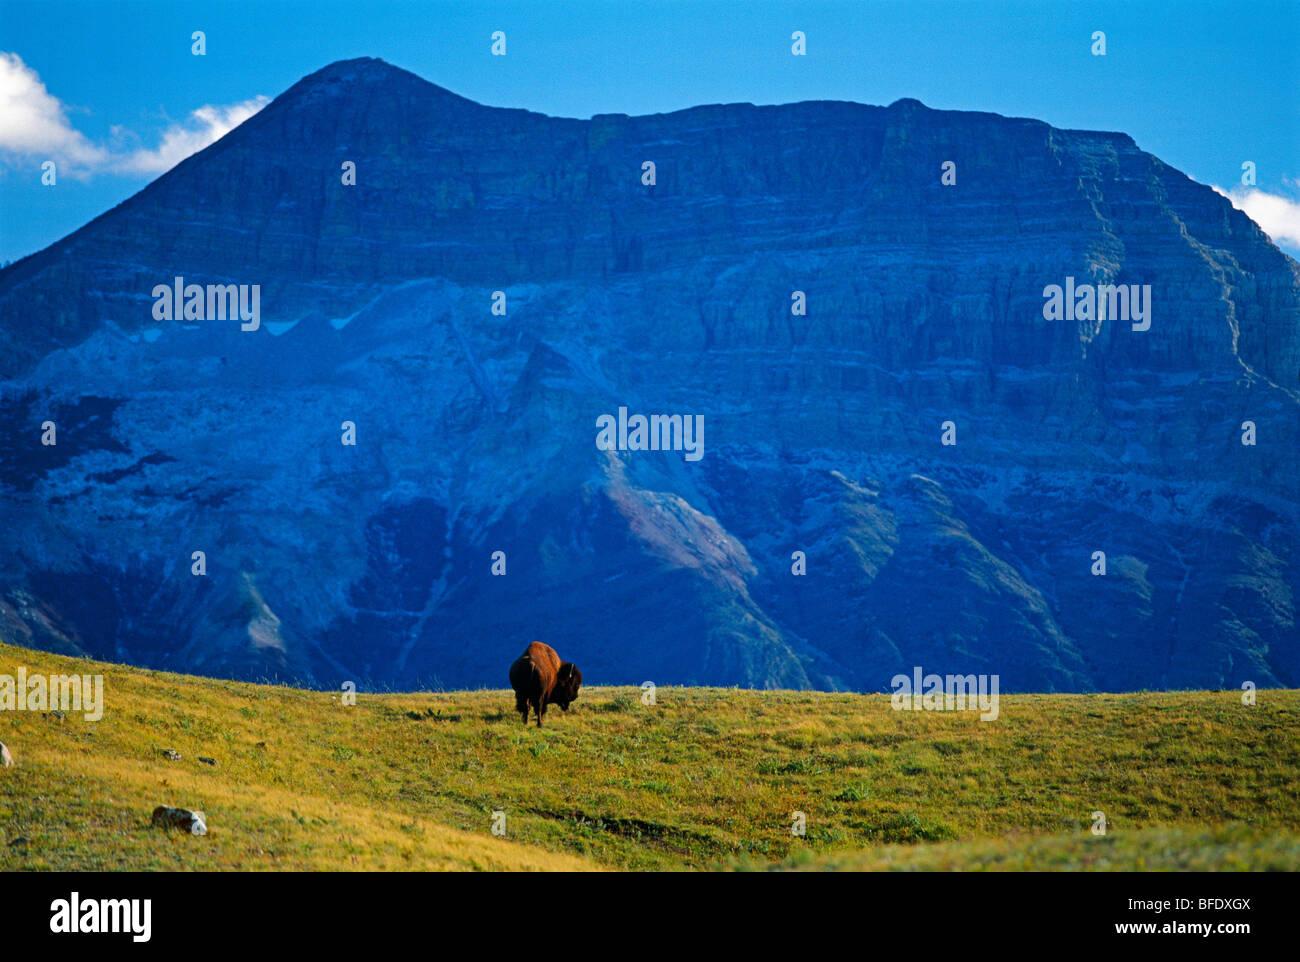 El bisonte (Bison bison) en el campo con Vimy pico en el fondo, el Parque Nacional Waterton Lakes en Alberta, Canadá Imagen De Stock